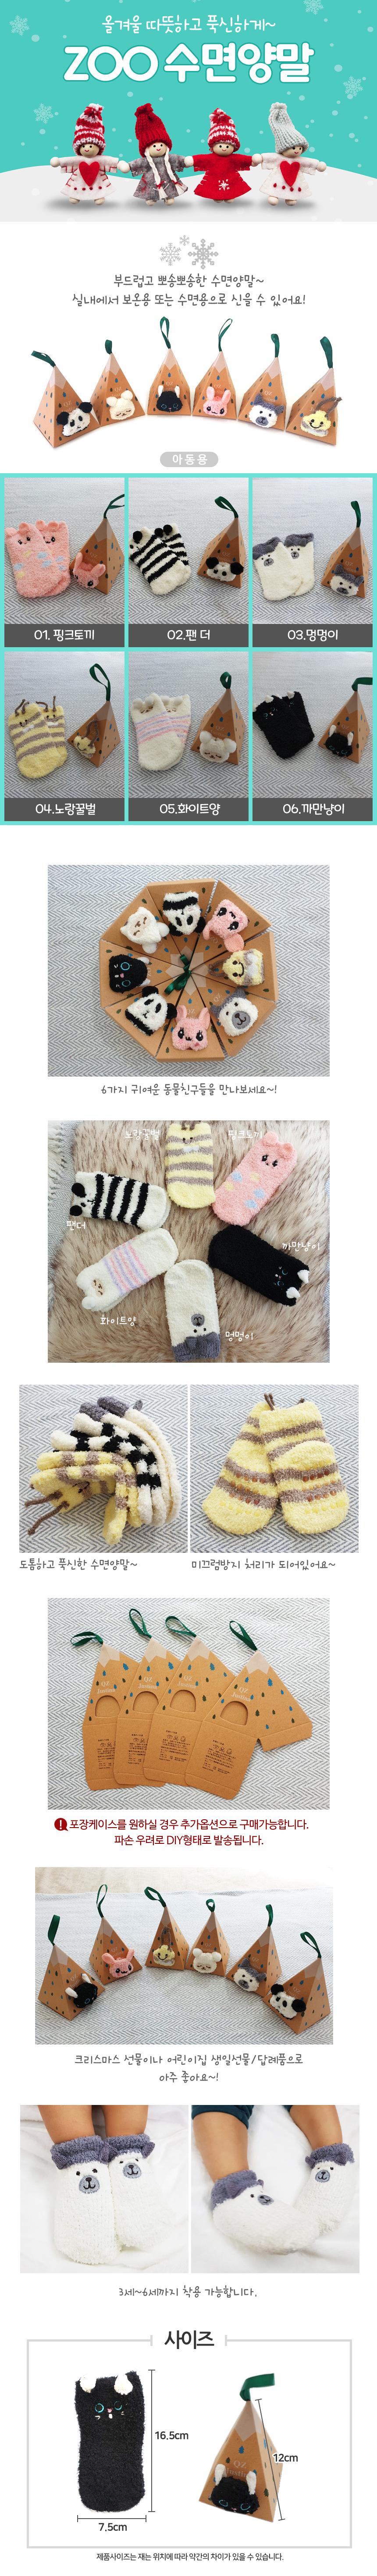 zoo_socks.jpg